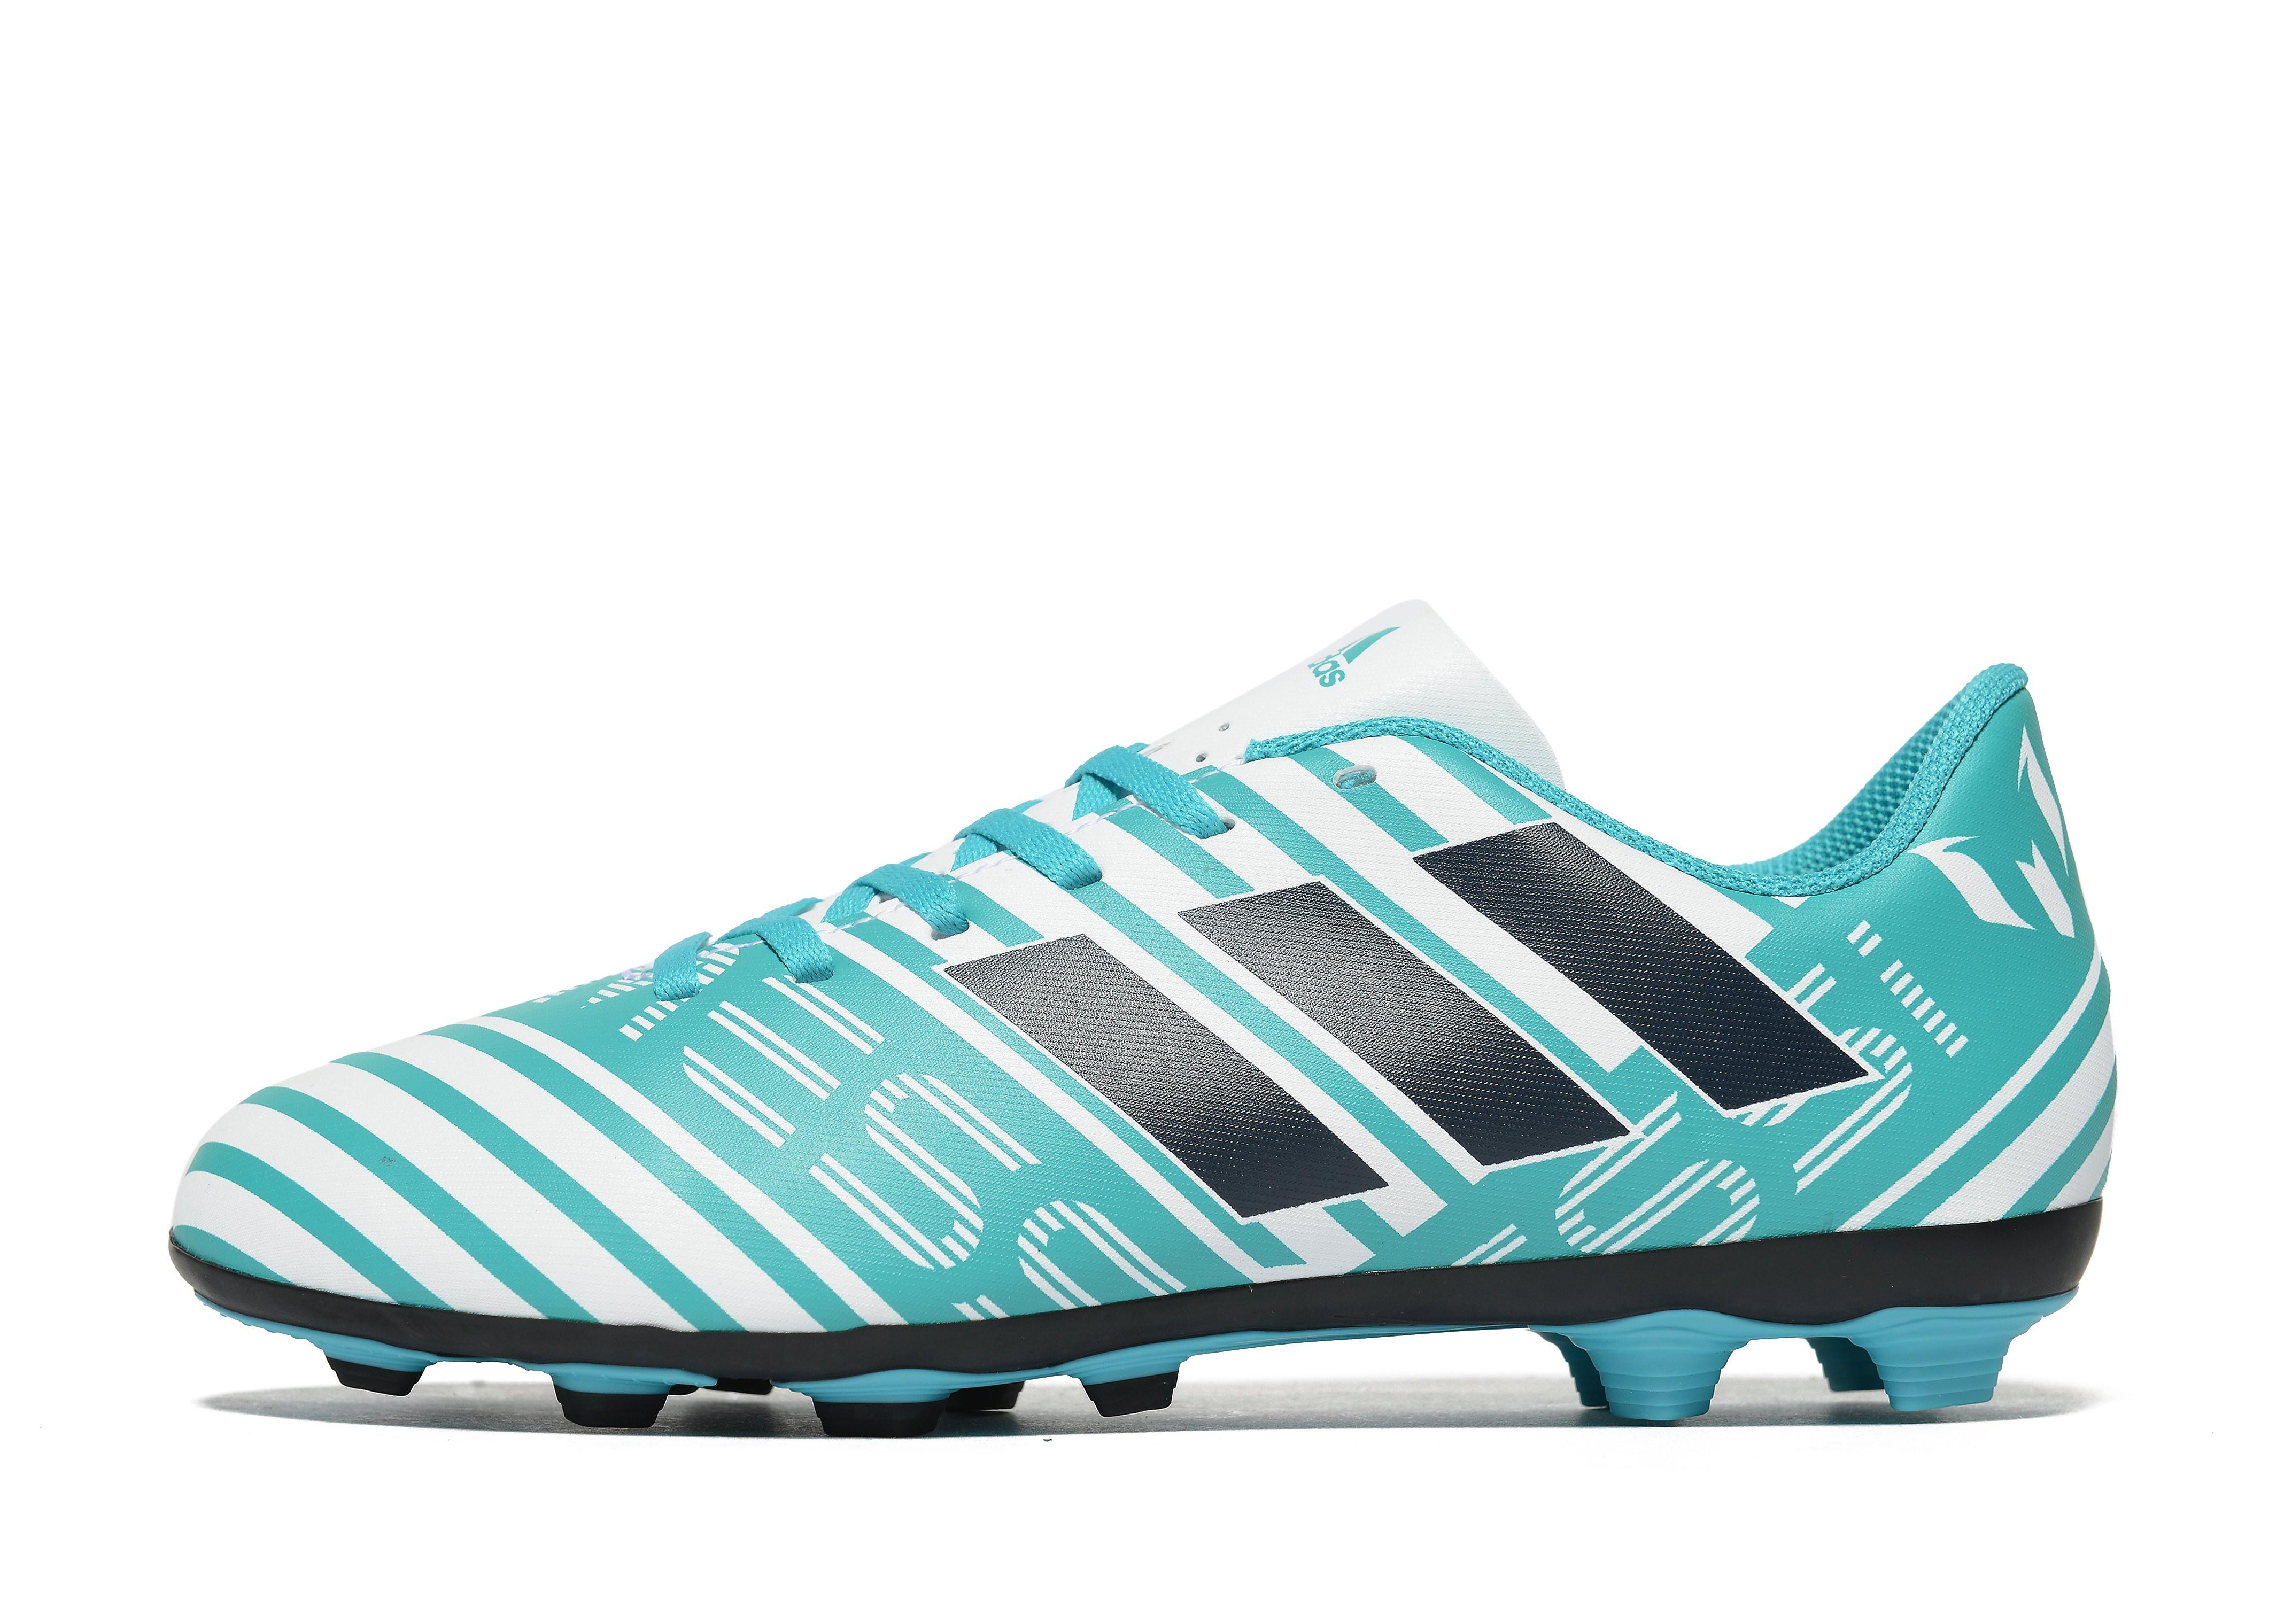 adidas Ocean Storm Nemeziz 17.4 FG Messi Junior